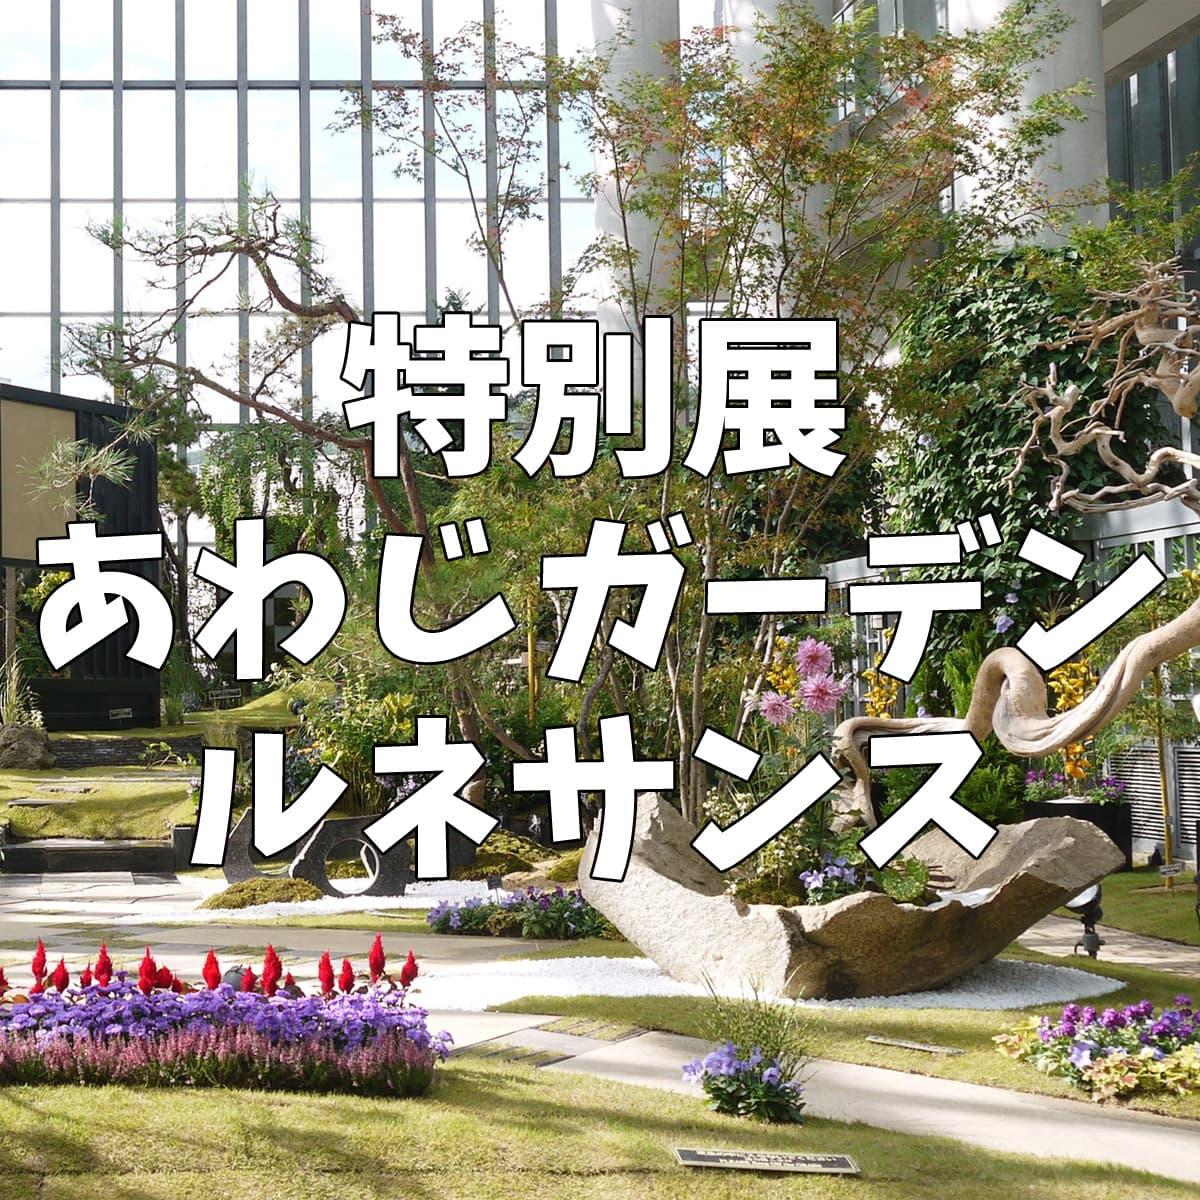 特別展あわじガーデンルネサンス 奇跡の星の植物館